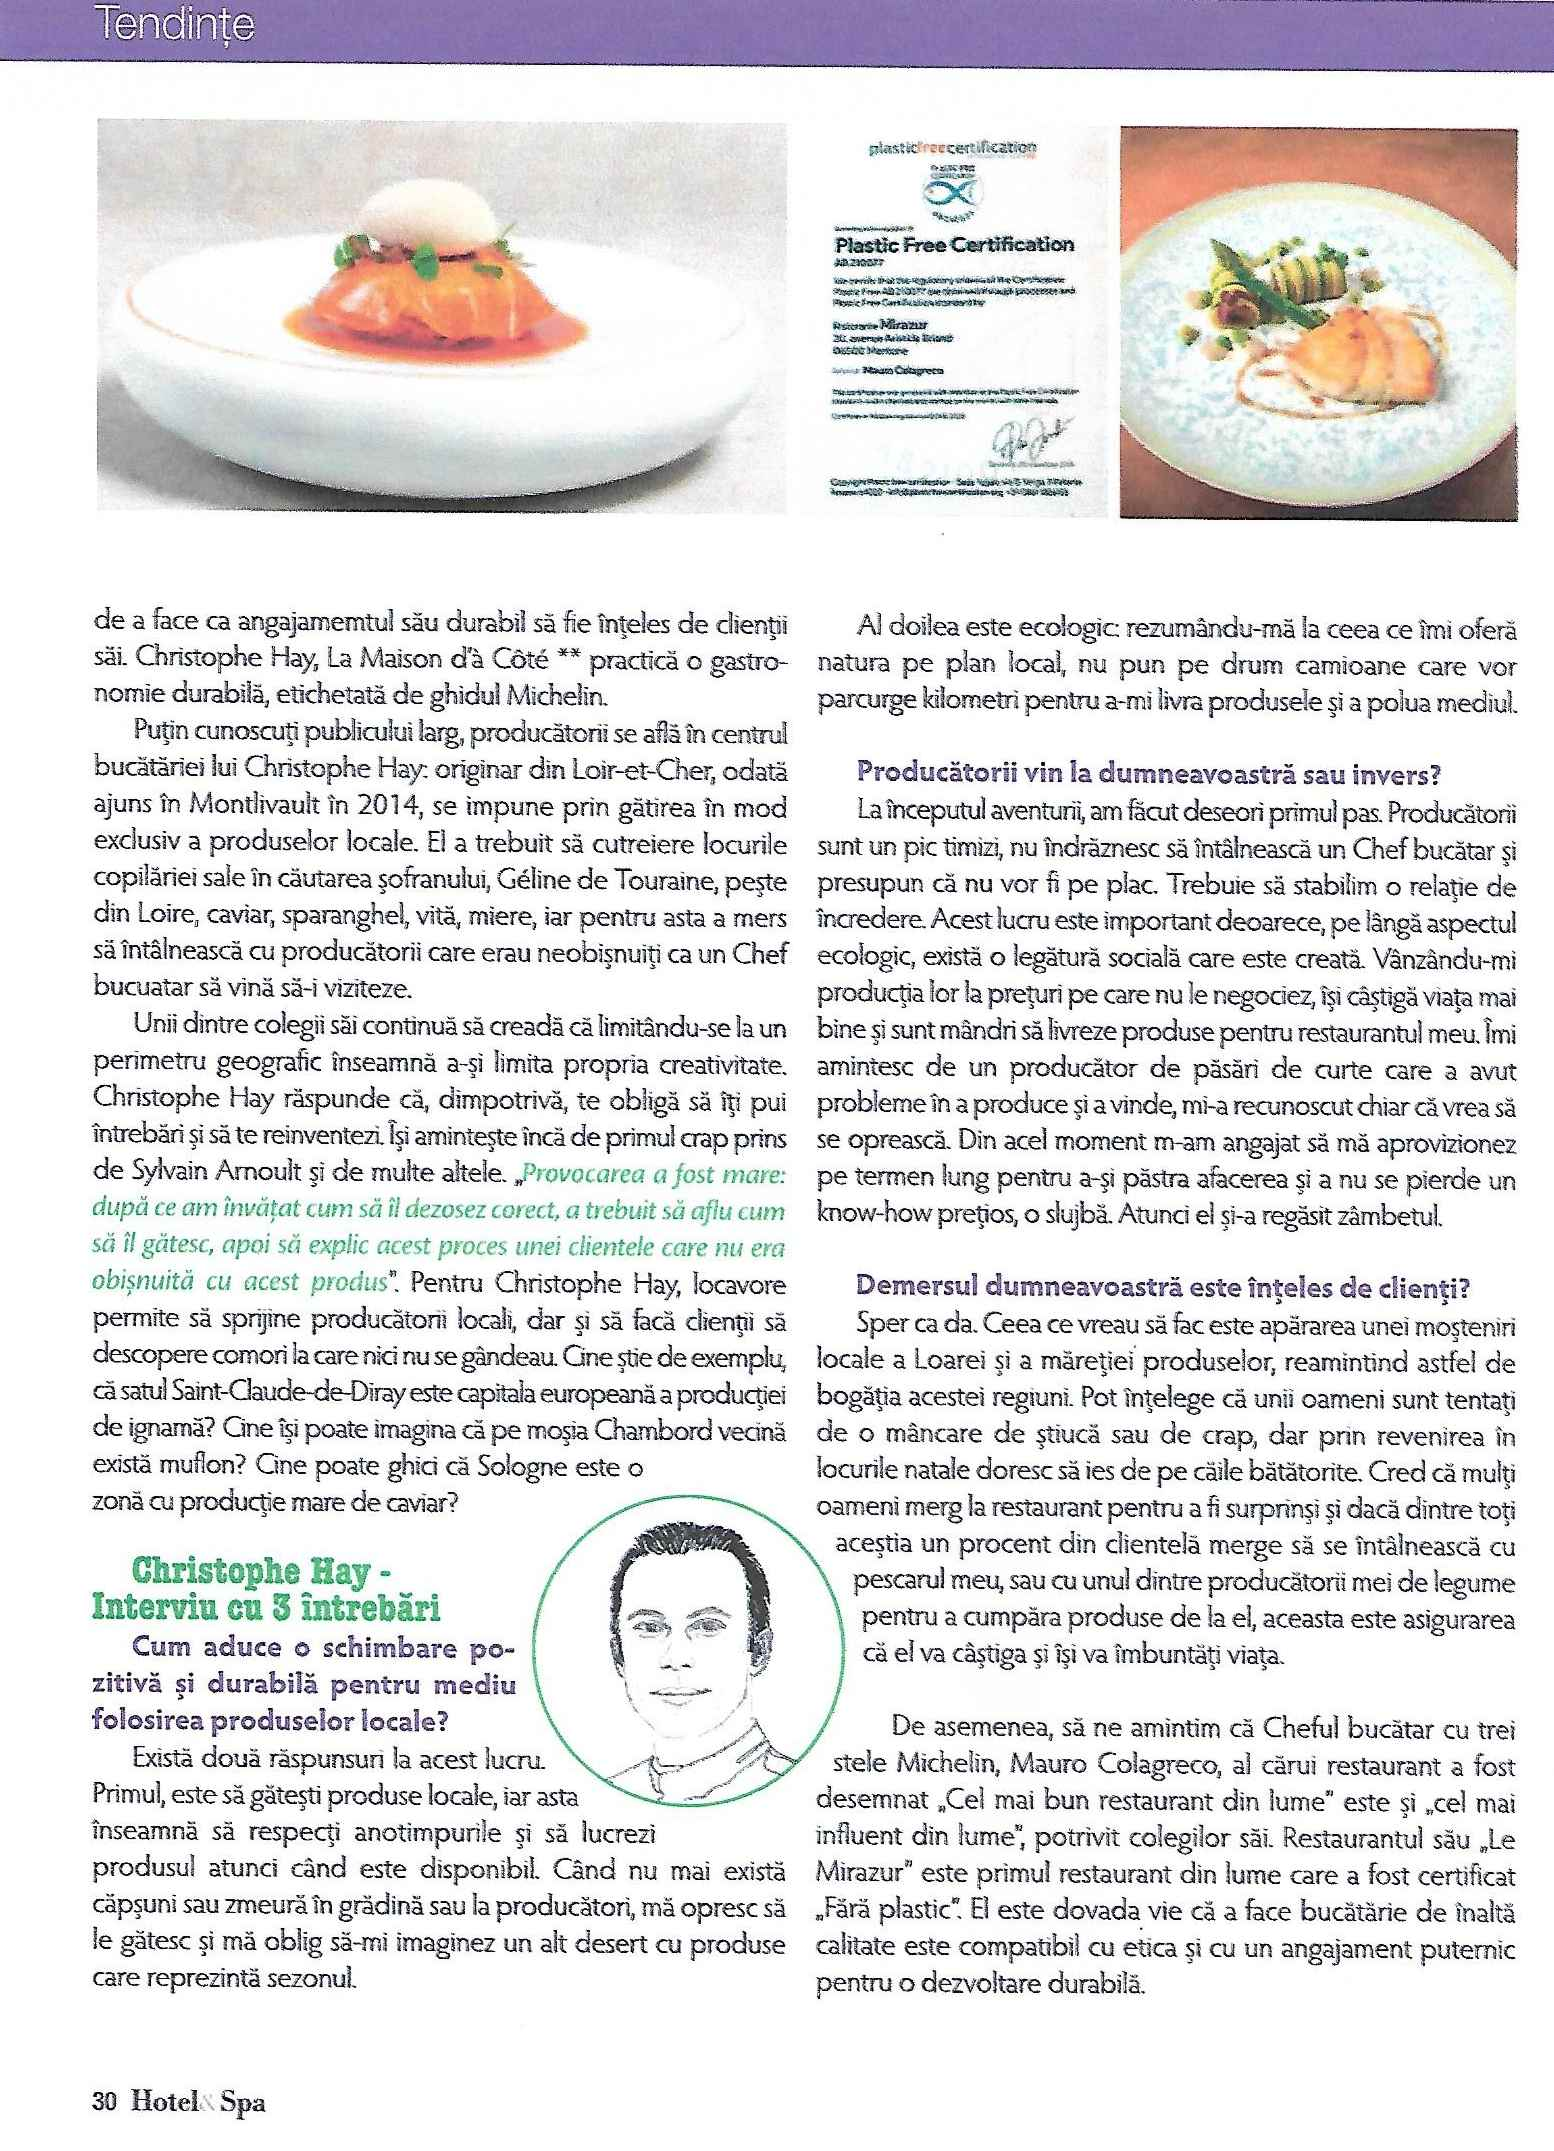 Spa magazine février 2020. gastronomie durable0003